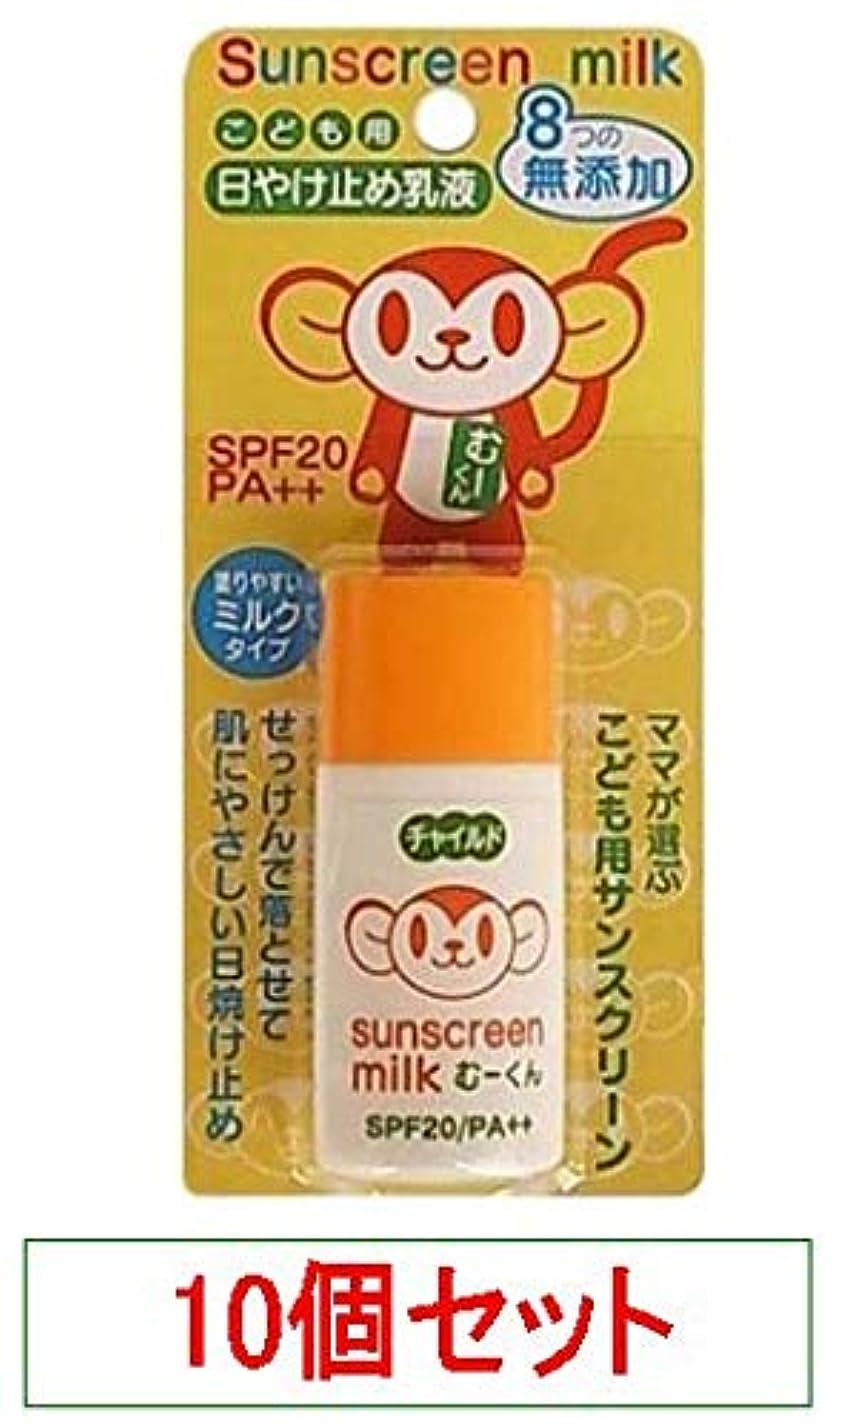 晩ごはん動機付けるルームハイム こども用日やけ止め乳液 サンスクリーンミルク SPF20 PA++ 25ml X10個セット